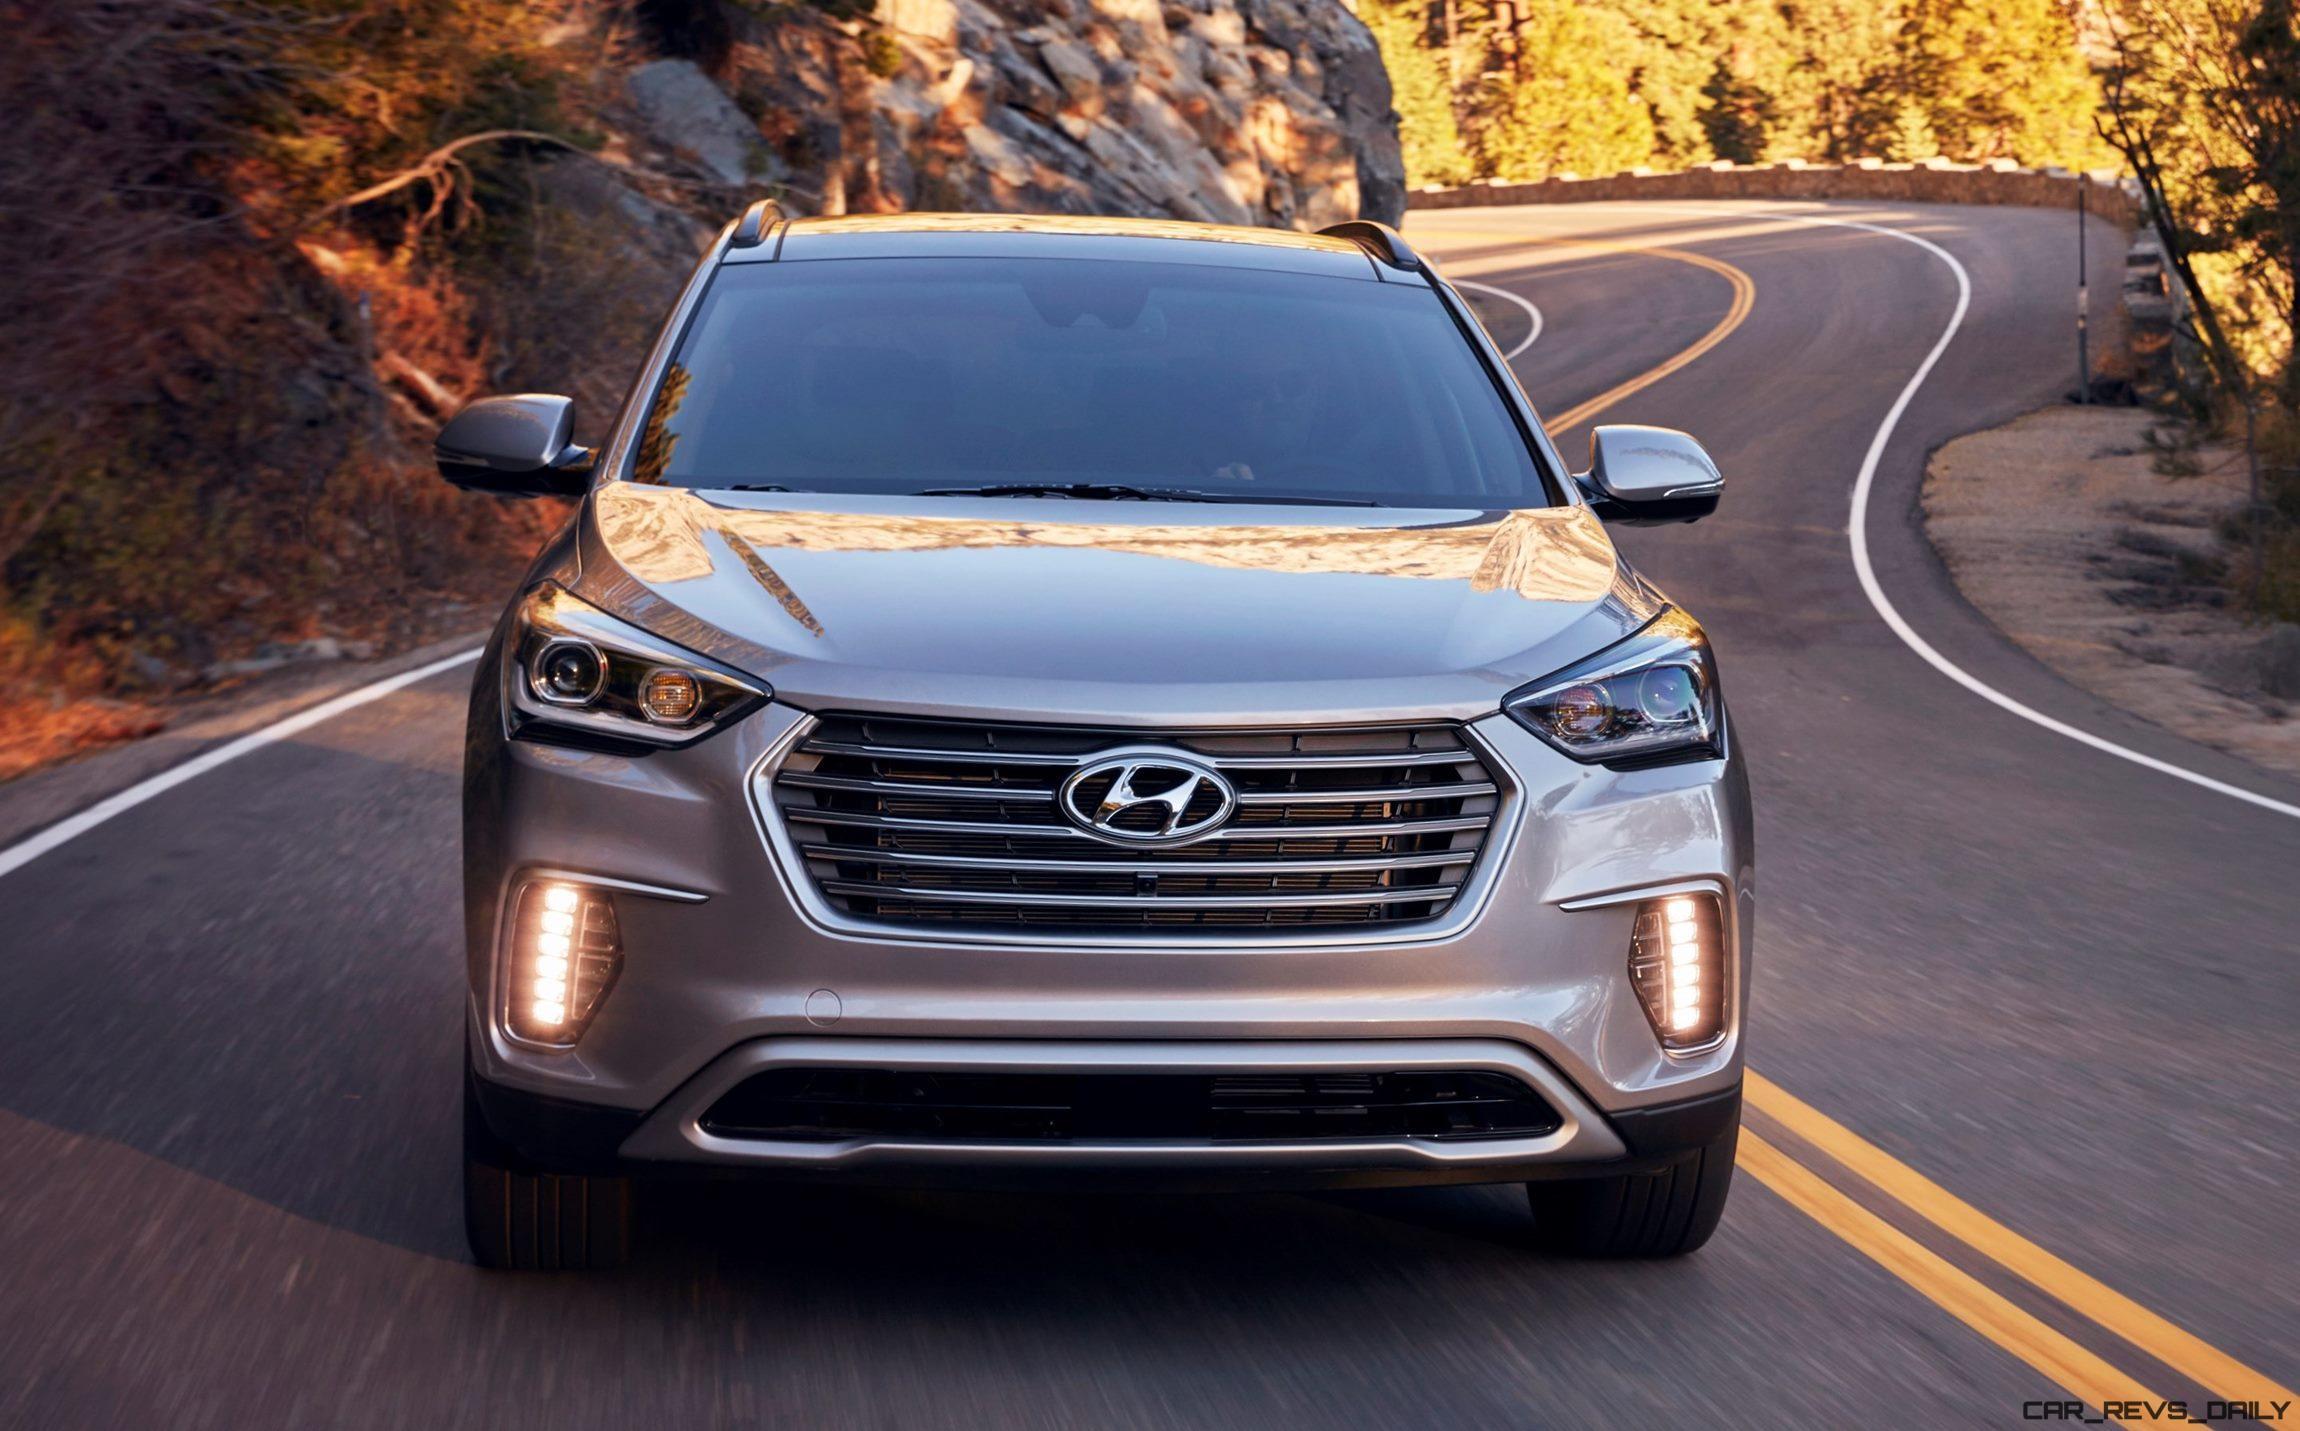 Wonderful 2017 Hyundai SANTA FE Ultimate  Road Test Review  By Tim